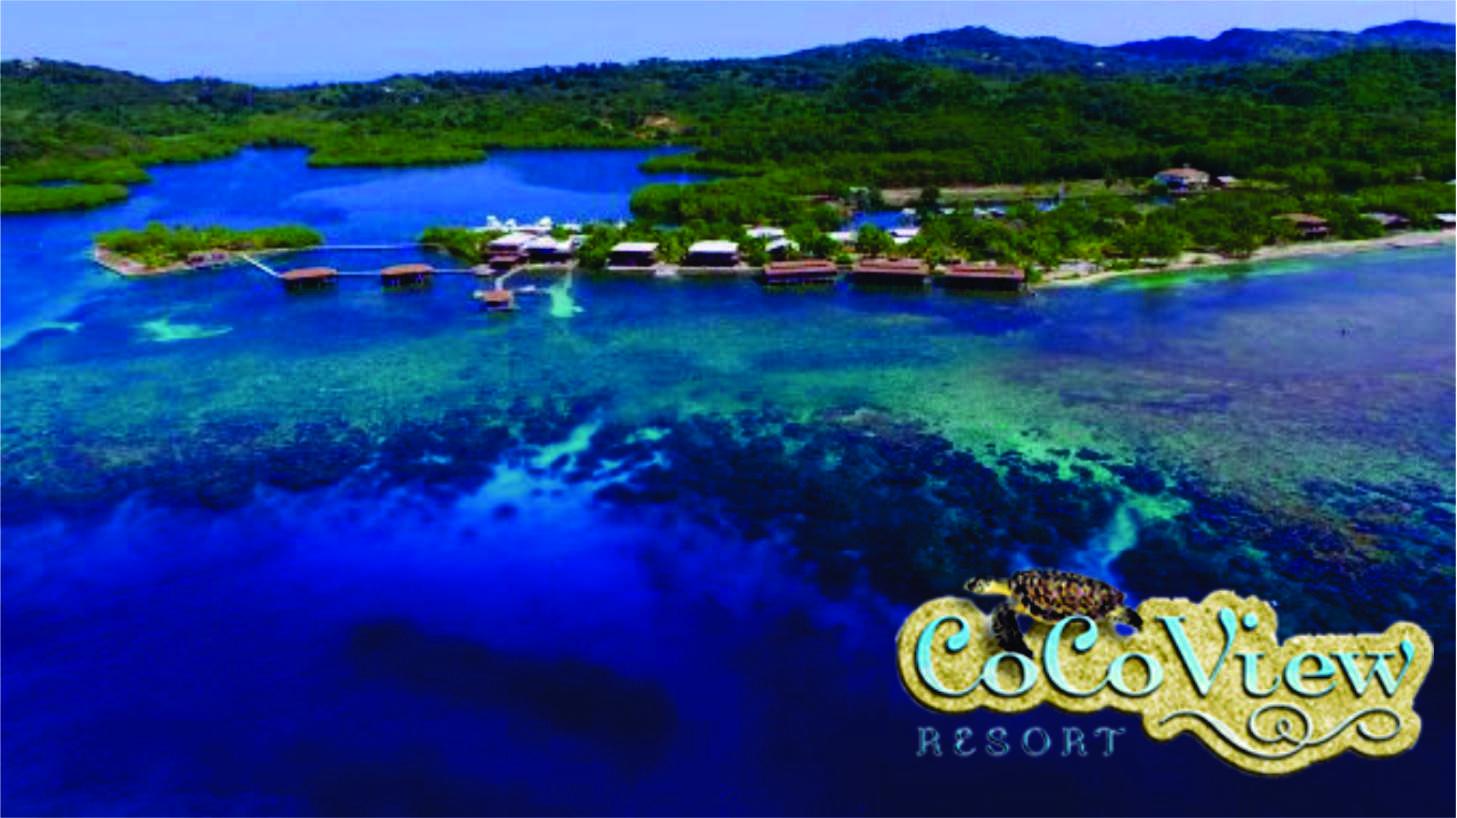 Coco View, Roatan Honduras - Sep. 26 - Oct. 3, 2020